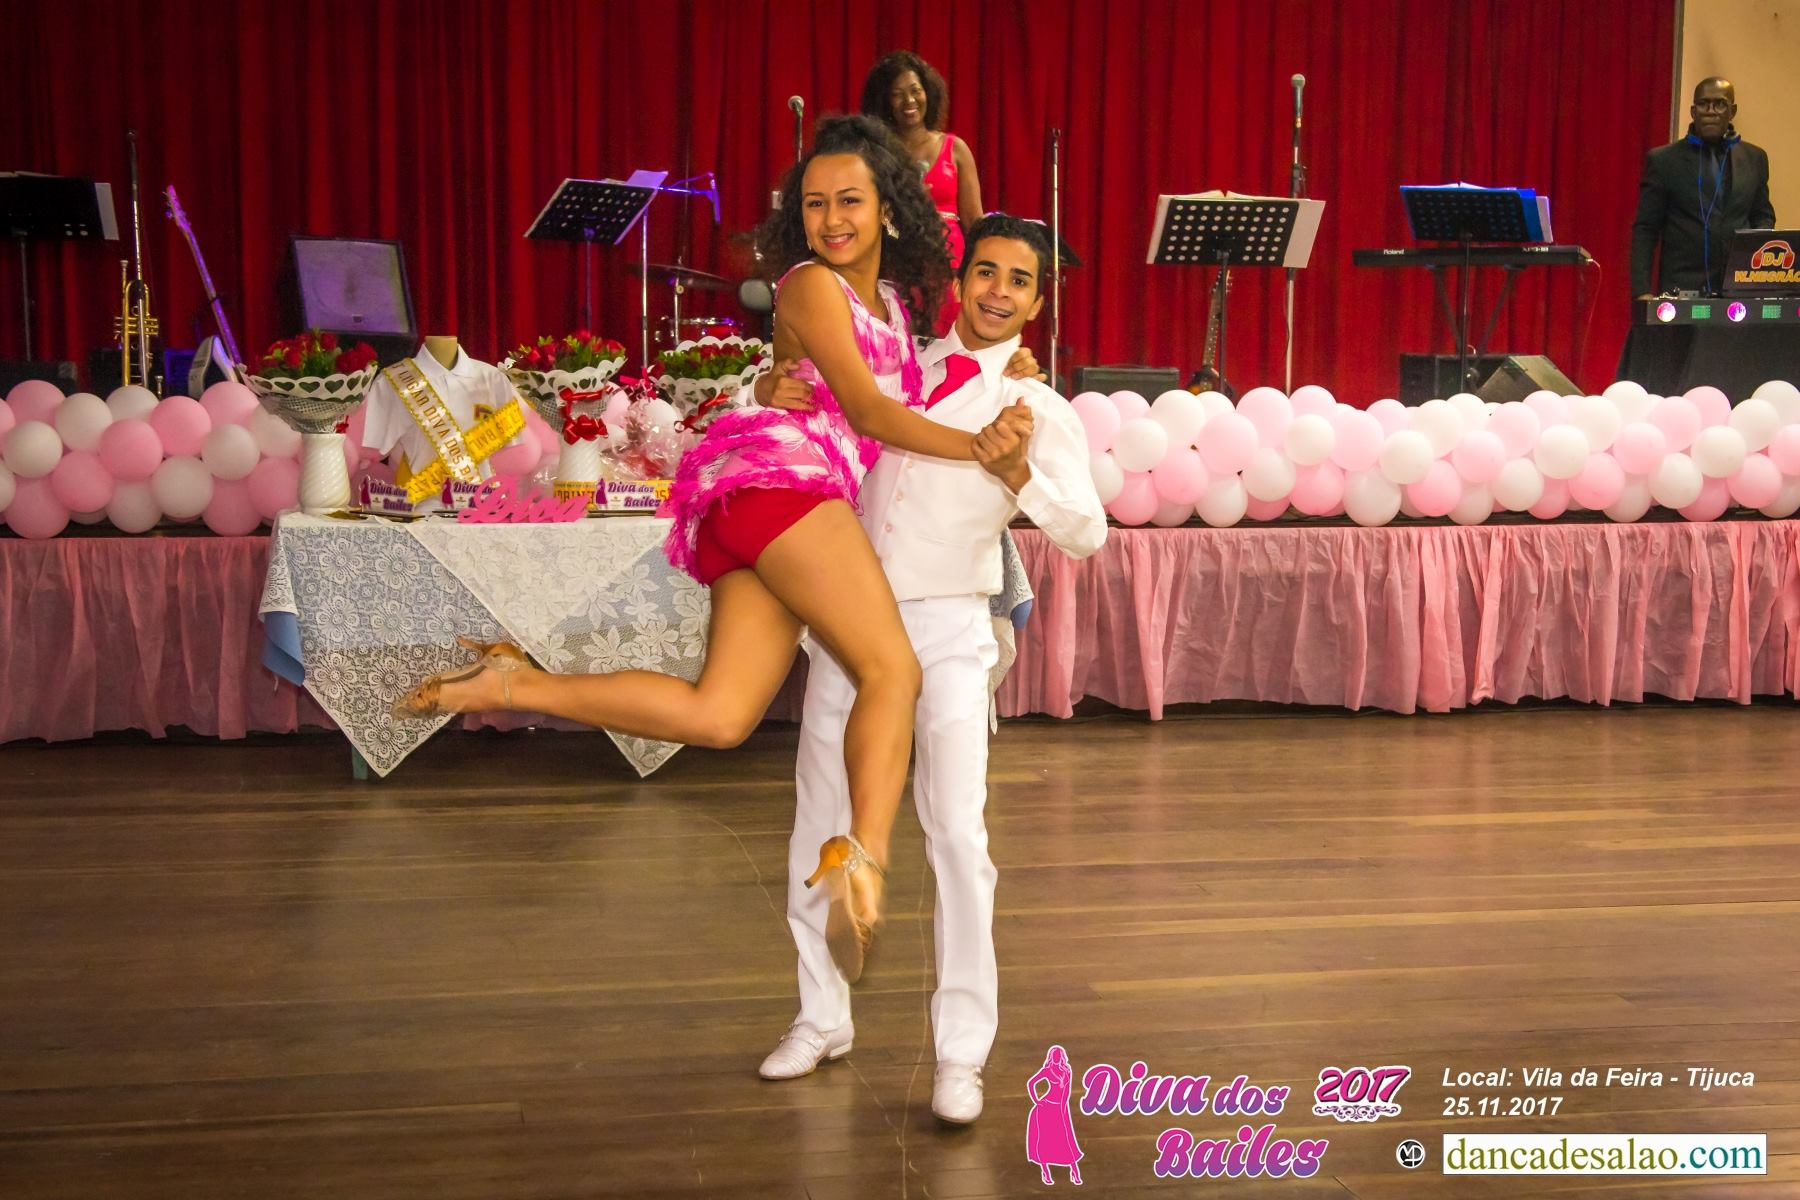 Concurso e baile Diva dos Bailes. Promoter Erosampaio Sampaio - Fotos: dancadesalao.com - www.marcoantonioperna.com.br Banda Milênio. Dj W. Negrão.